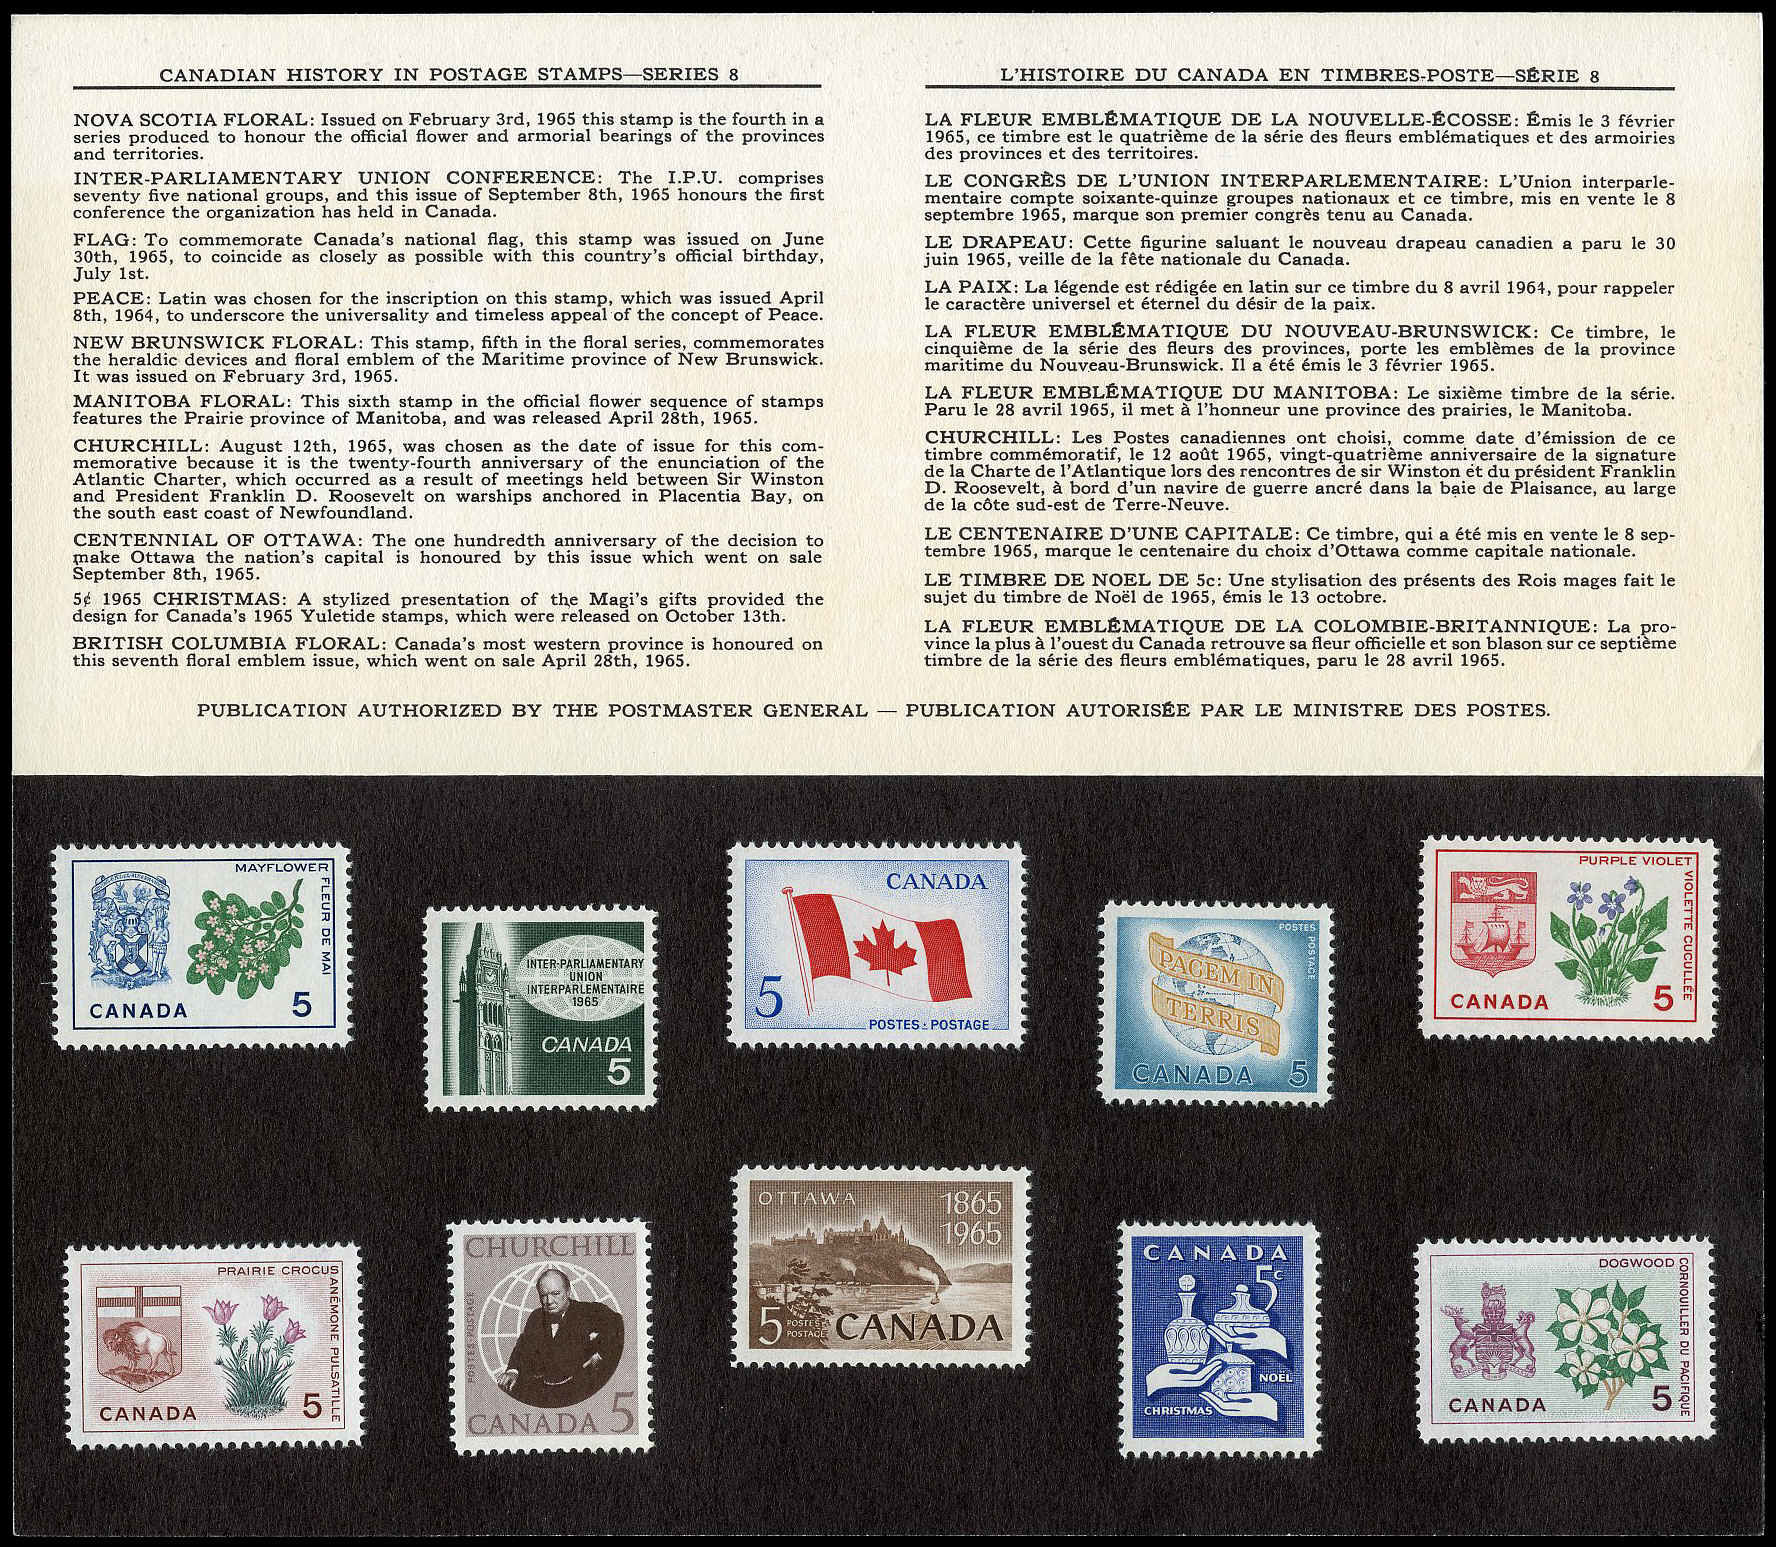 [1966-canada-souvenir-card]